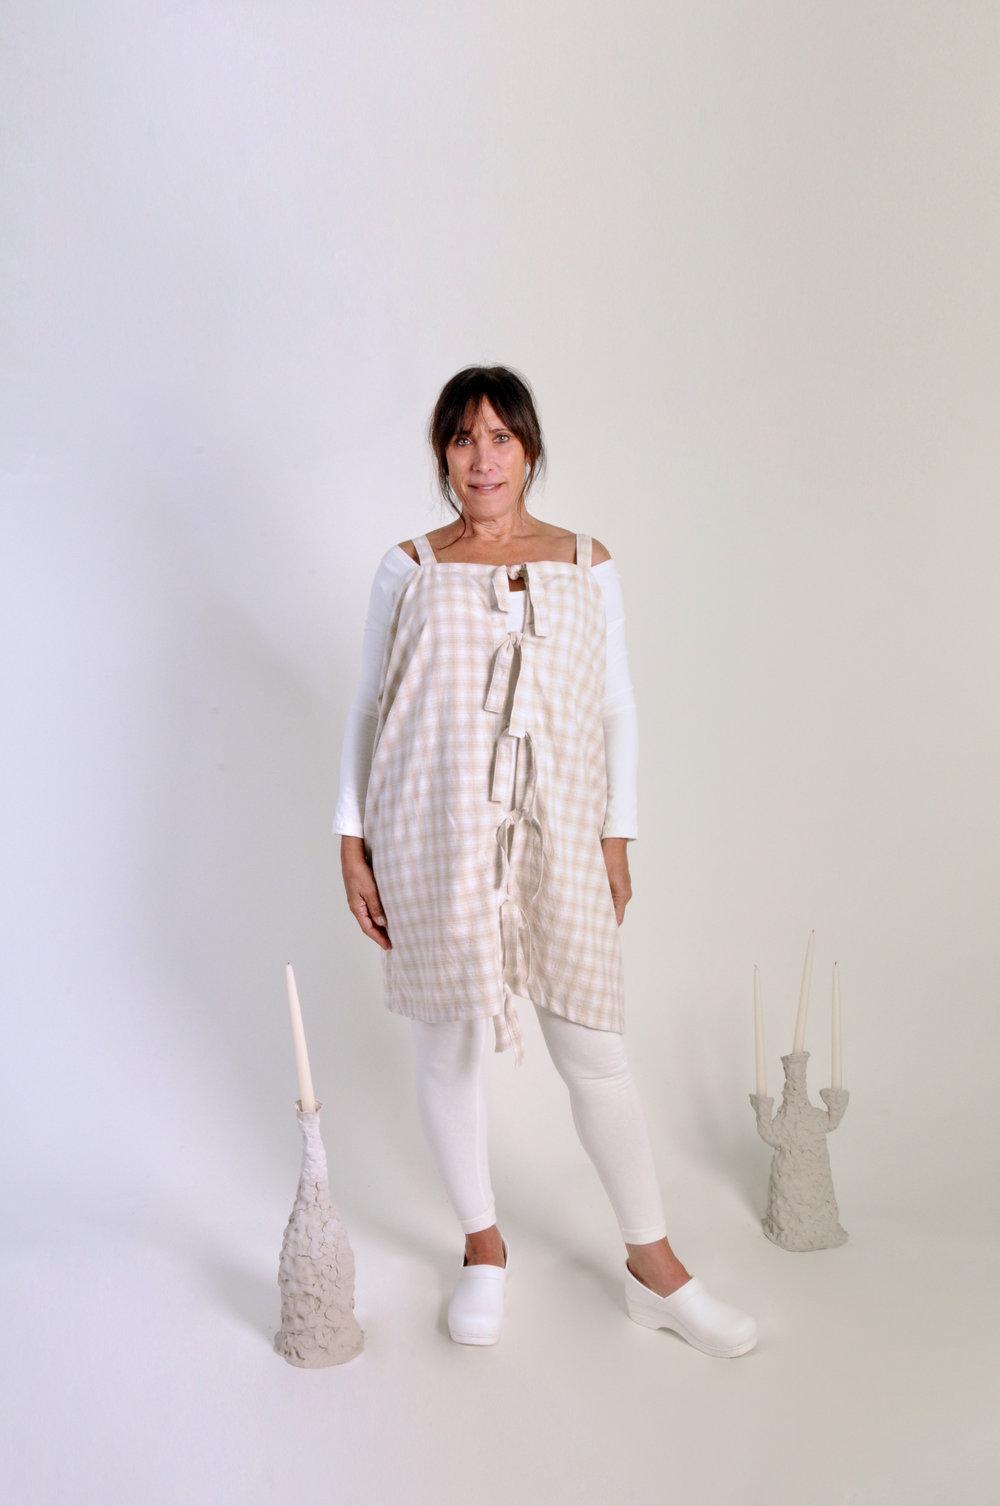 Tahini dress - 0213COLOR : NEUTRAL PLAIDFABRIC : DEADSTOCK COTTON BLENDWHOLESALE $99 / RETAIL $198SIZES : ONE SIZE / FITS XS - XL